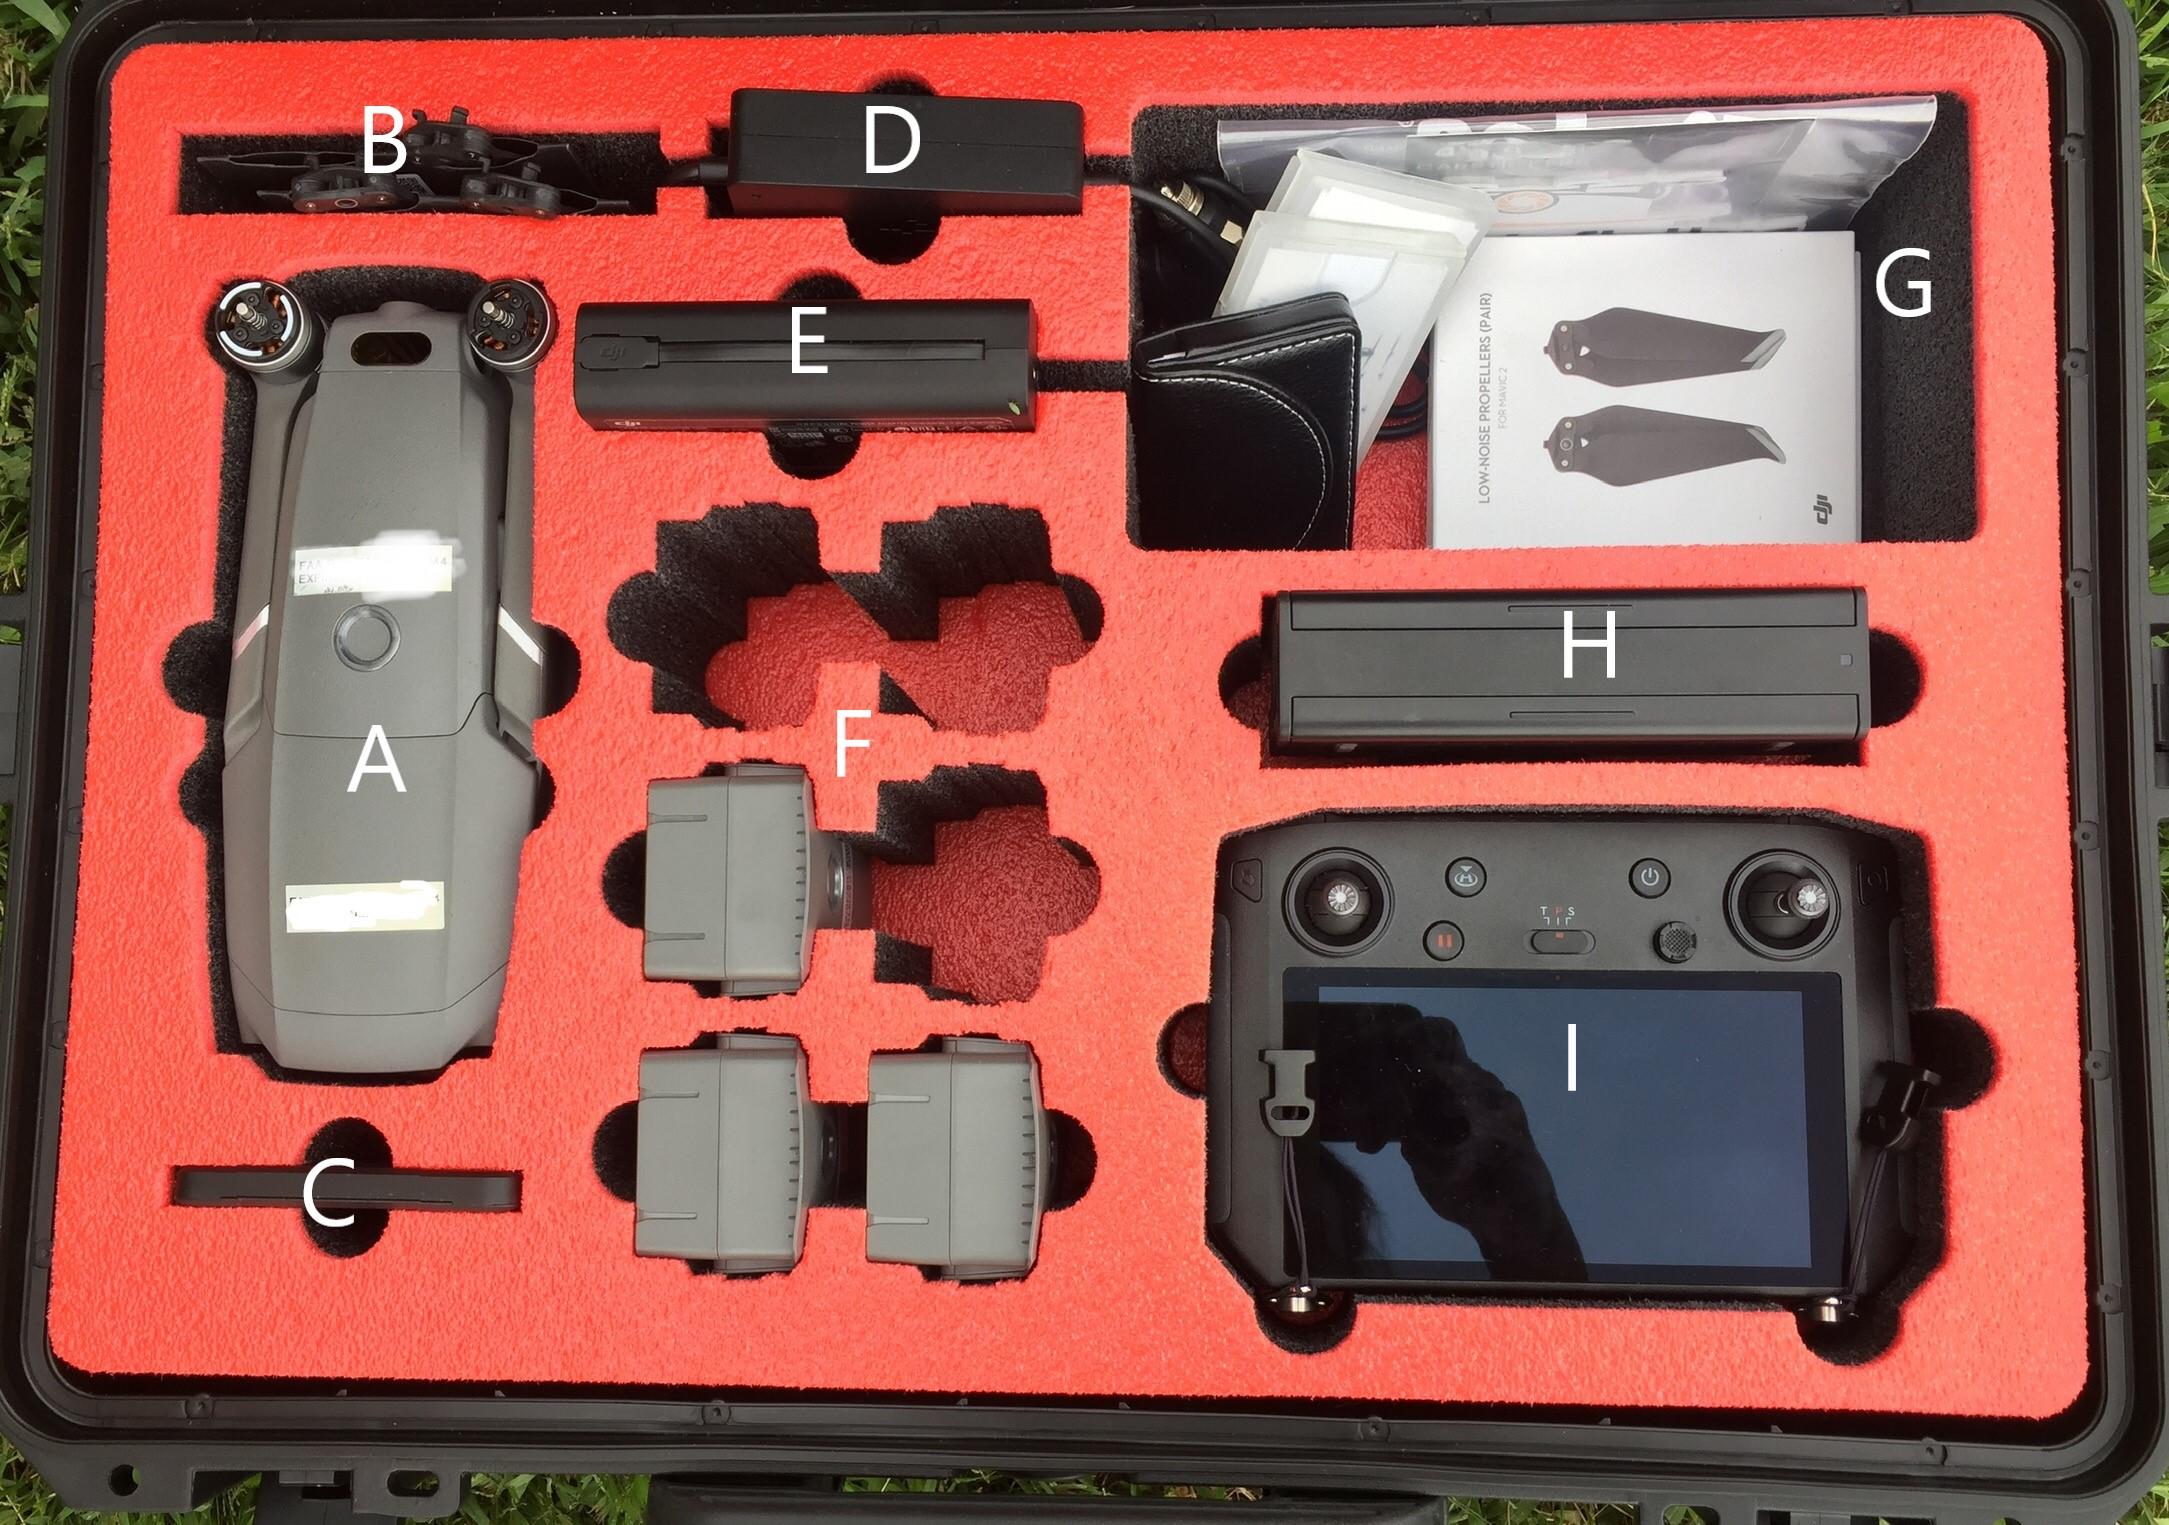 Mavic 2 Pro in a DORO D1913-7 Case and Foam0